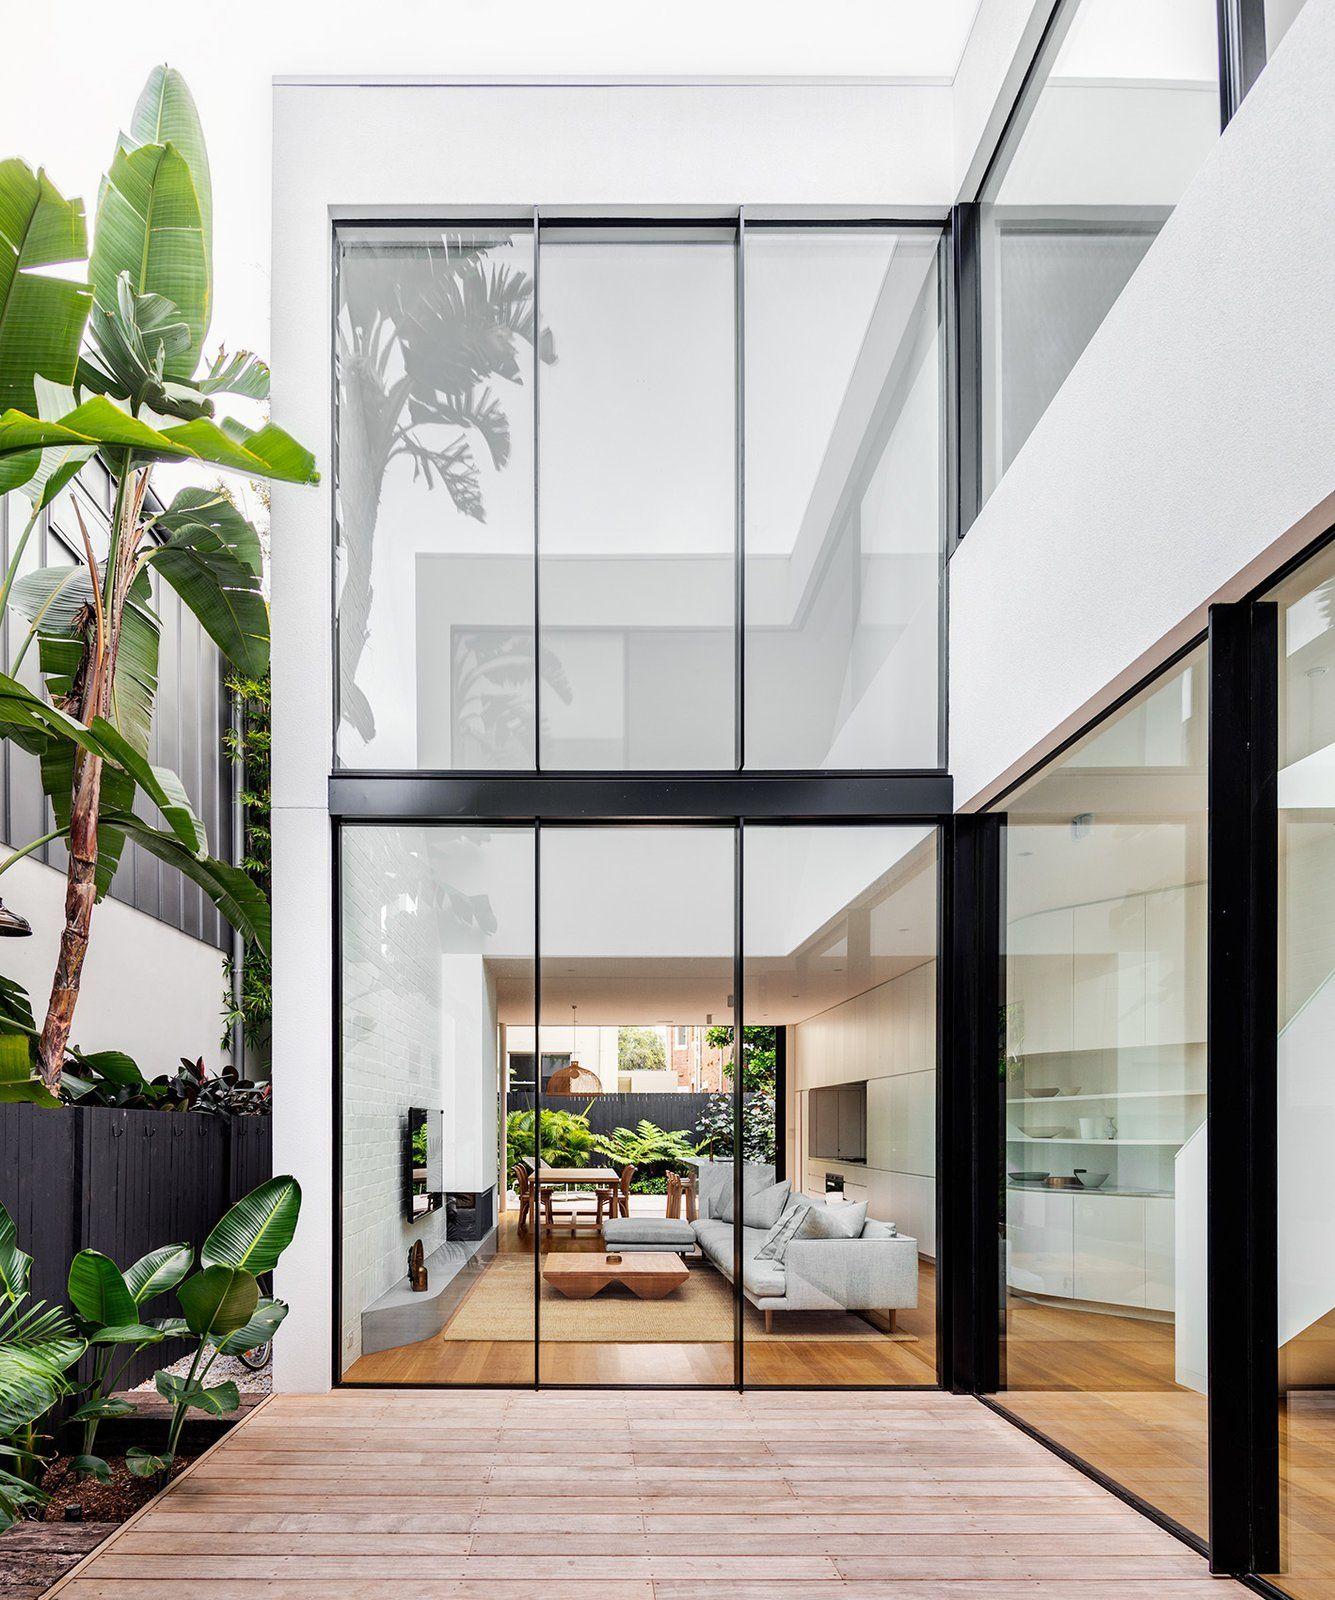 Cloud House House Design Modern House Design House